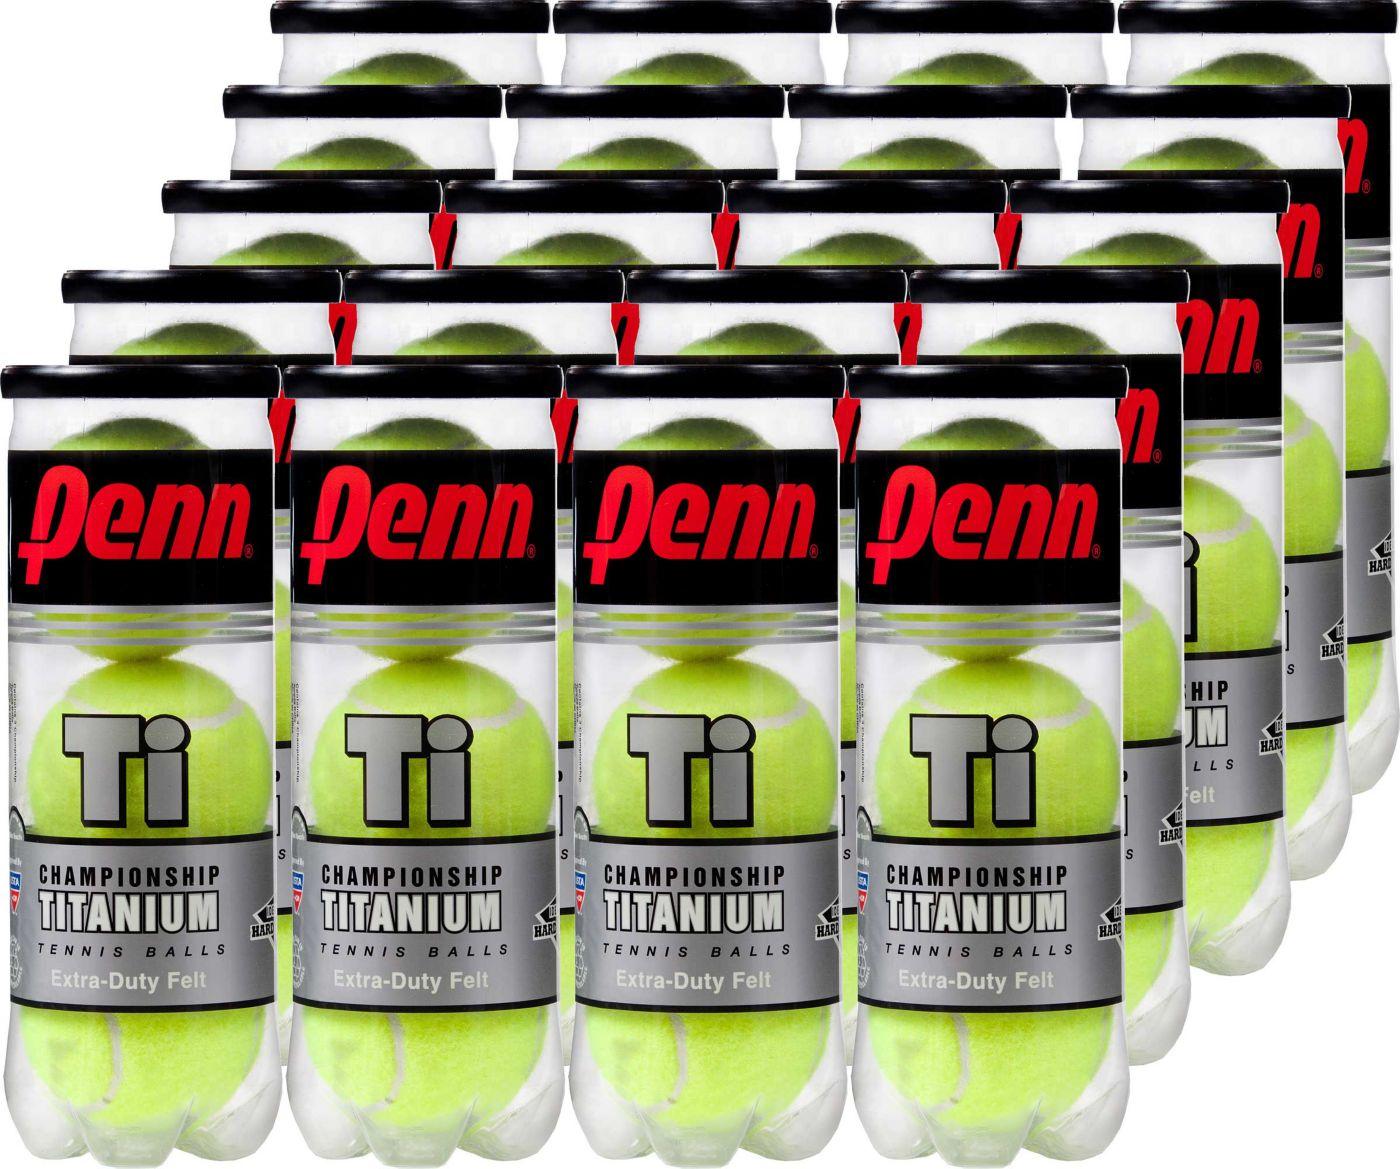 Penn Championship Ti Tennis Balls – 20 Can Pack